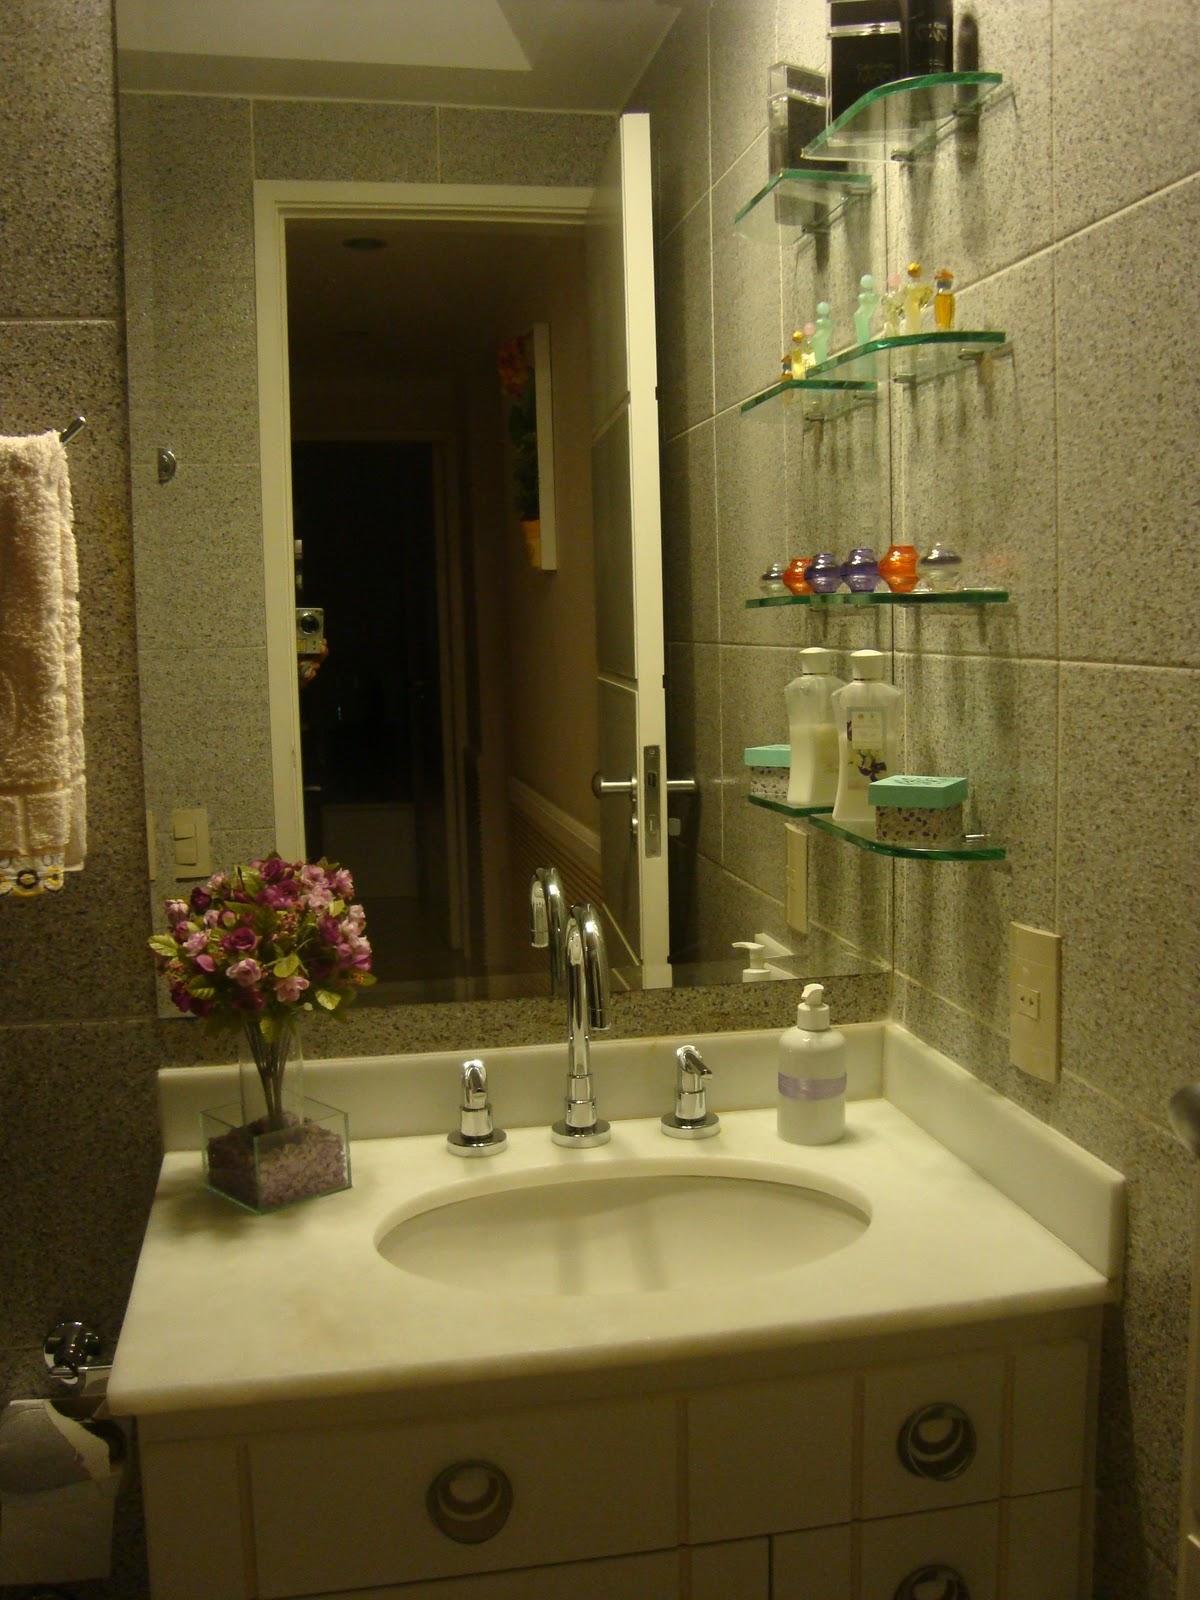 arrumei para um dos banheiros lá de casa eis o banheiro do corredor #AB9020 1200 1600